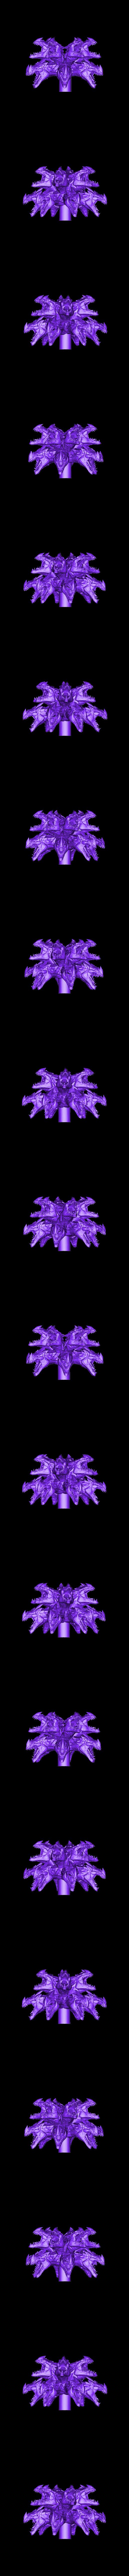 dragon_fountain11.stl Télécharger fichier STL gratuit fontaines de dragon • Plan à imprimer en 3D, veganagev